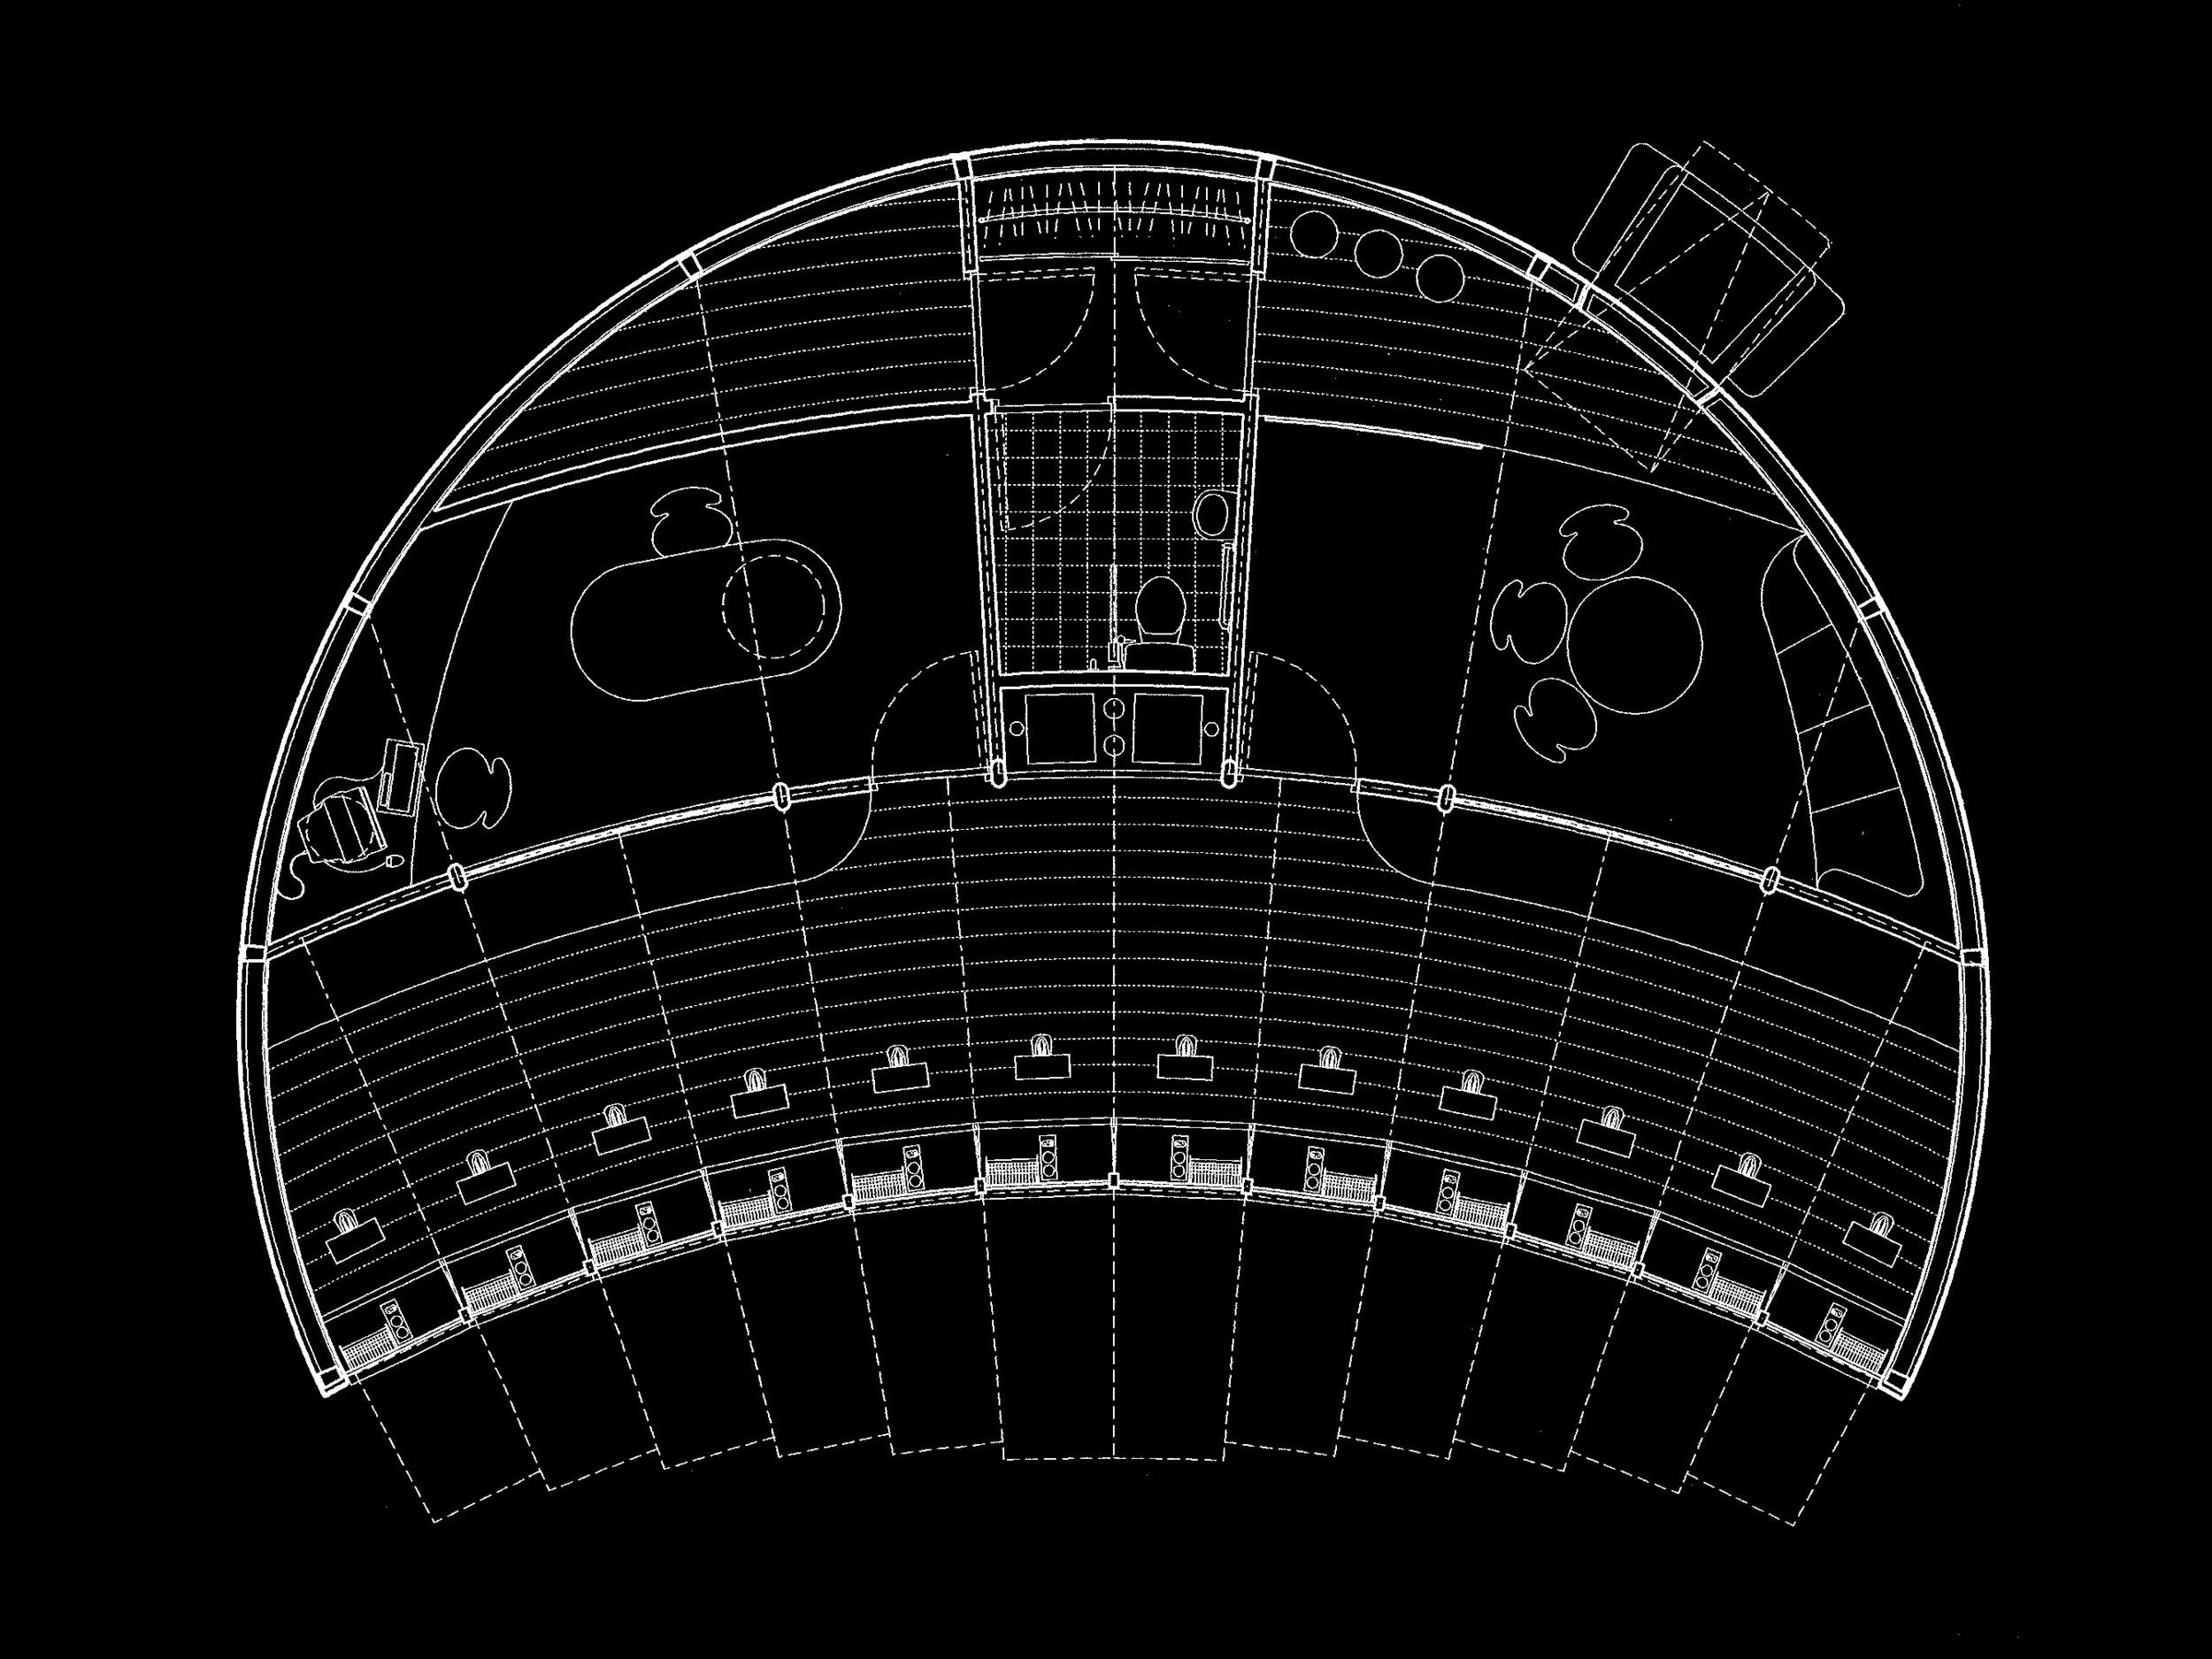 detailplan_crop.jpg